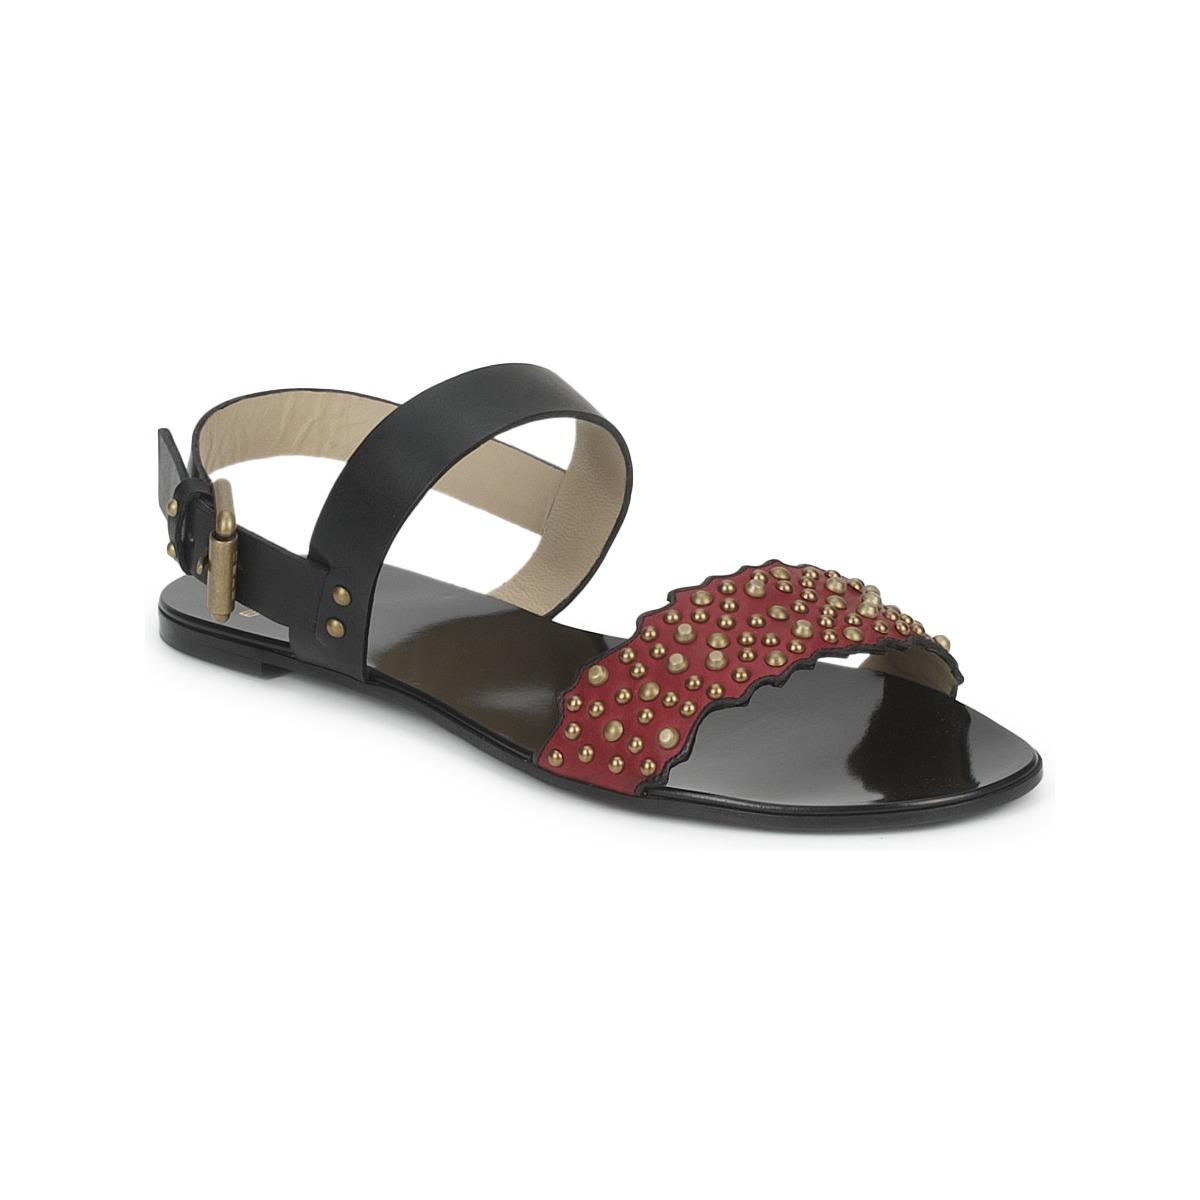 Sandale Etro SANDALE 3743 Noir